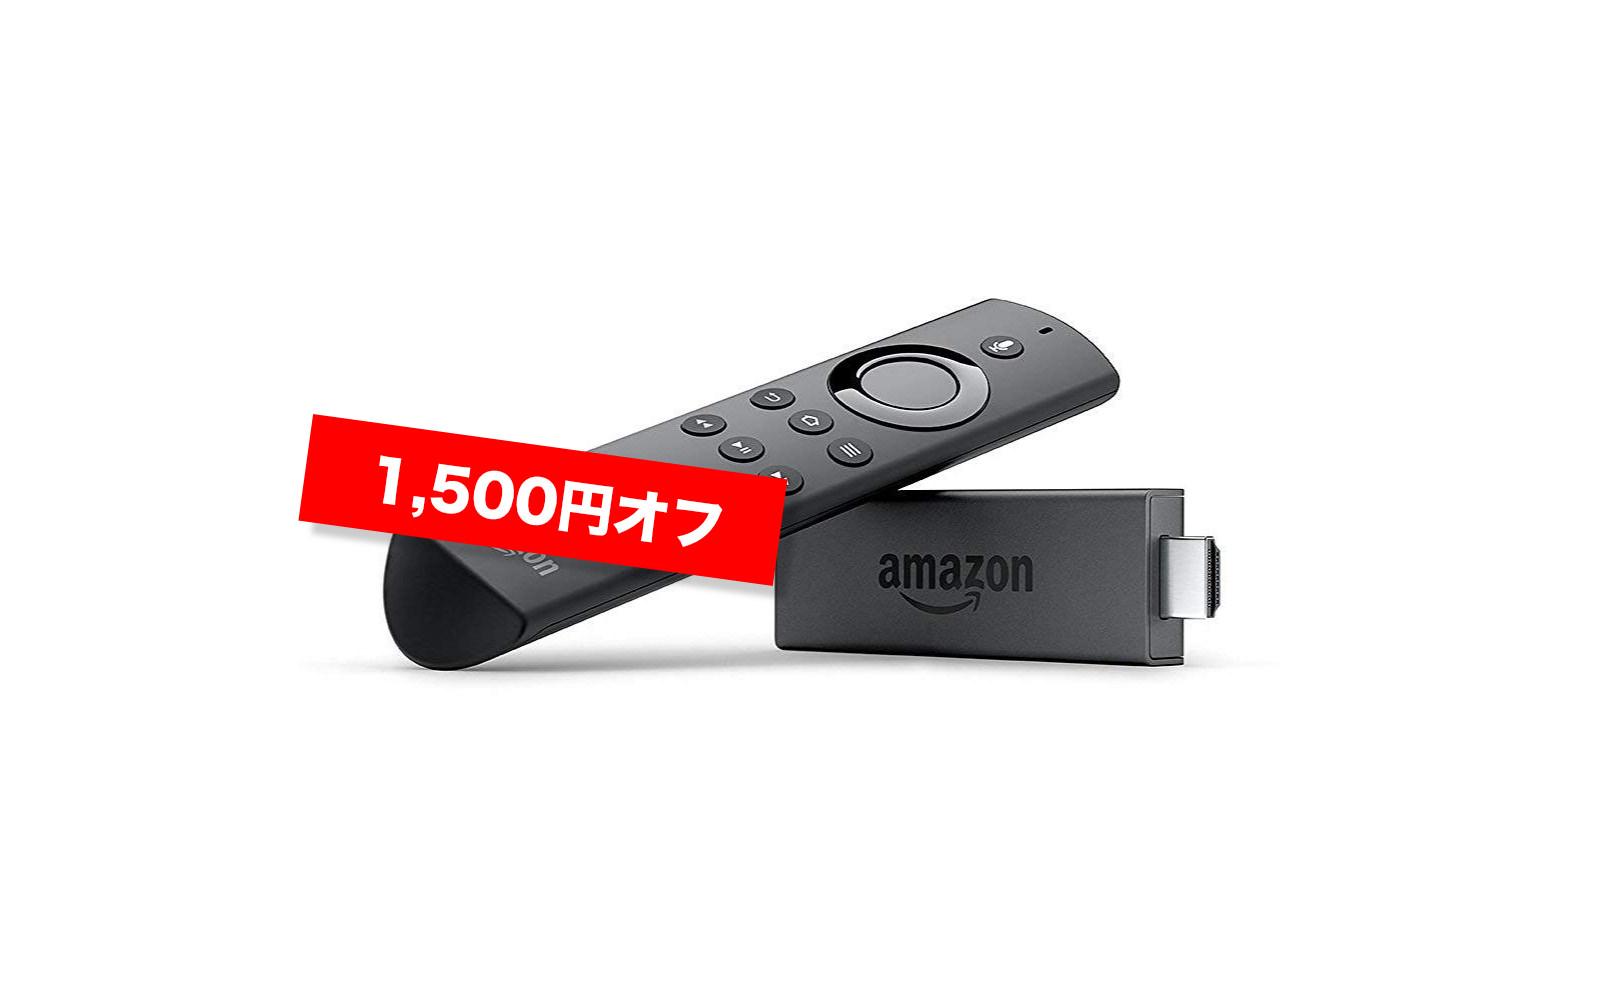 Amazon Fire TV Stick Sale